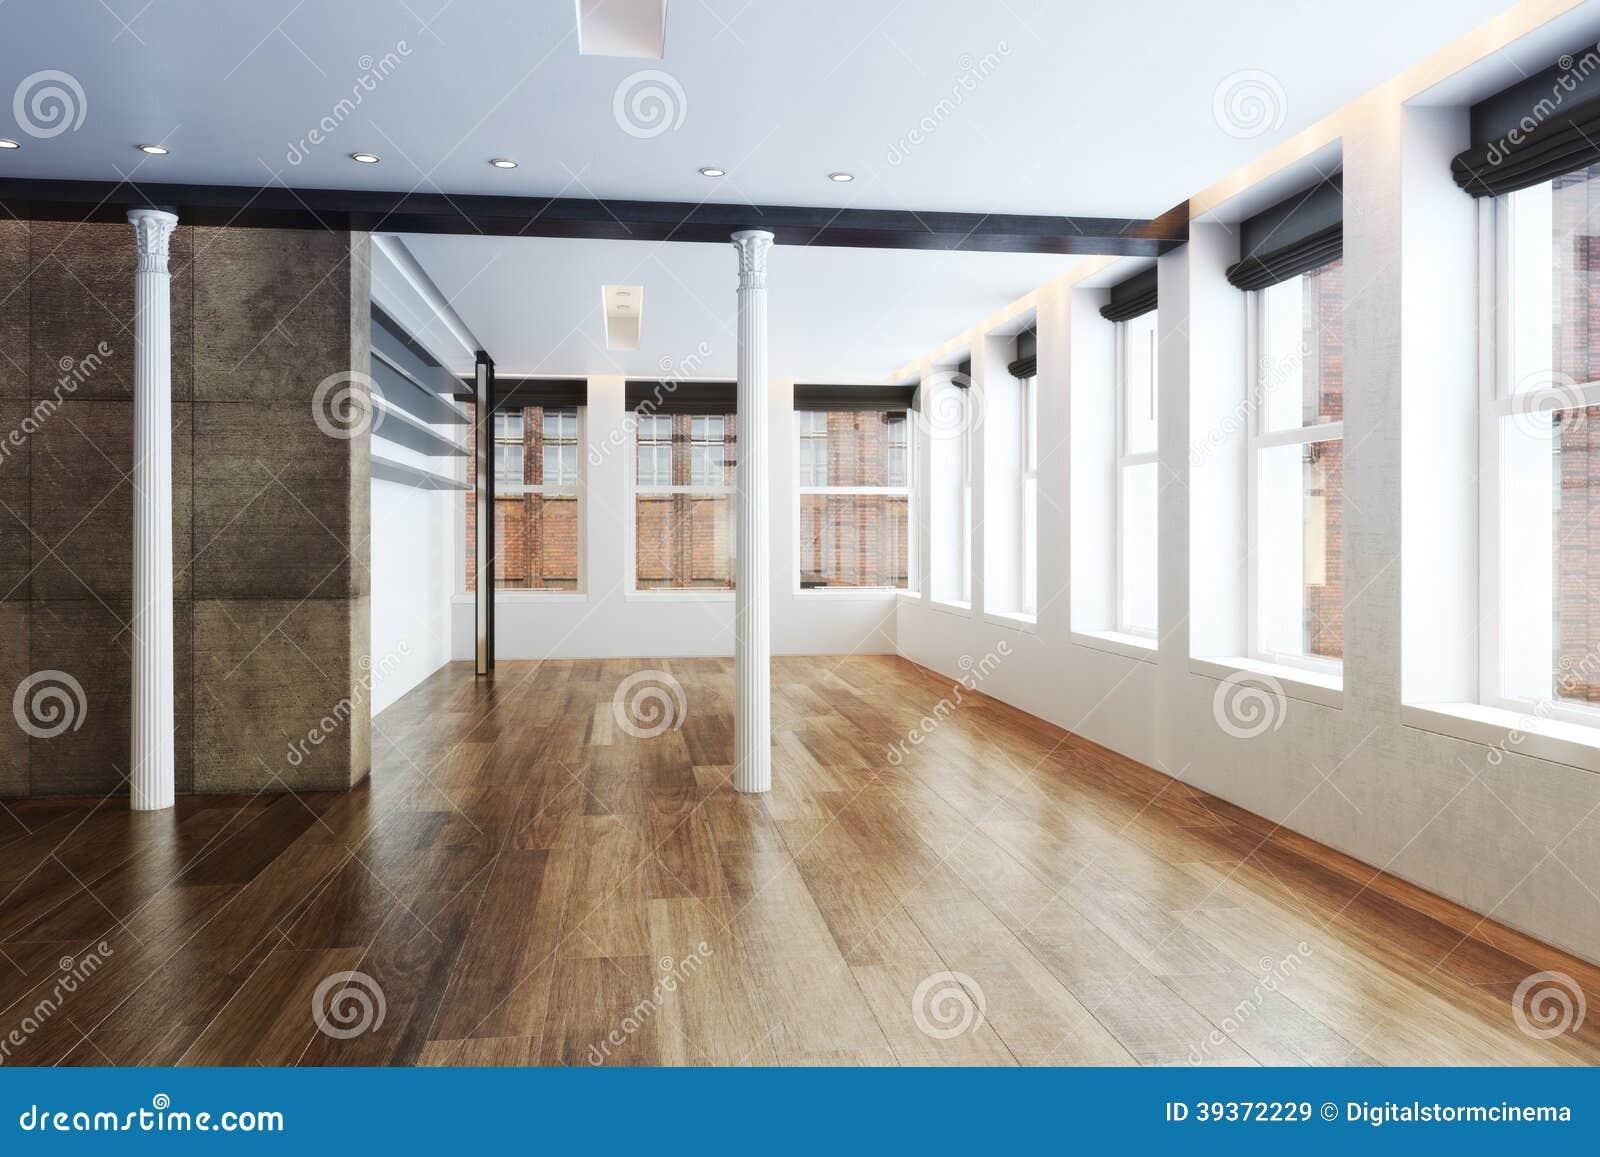 Appartamento in un grattacielo vuoto con l 39 interno di for Pilier moderne